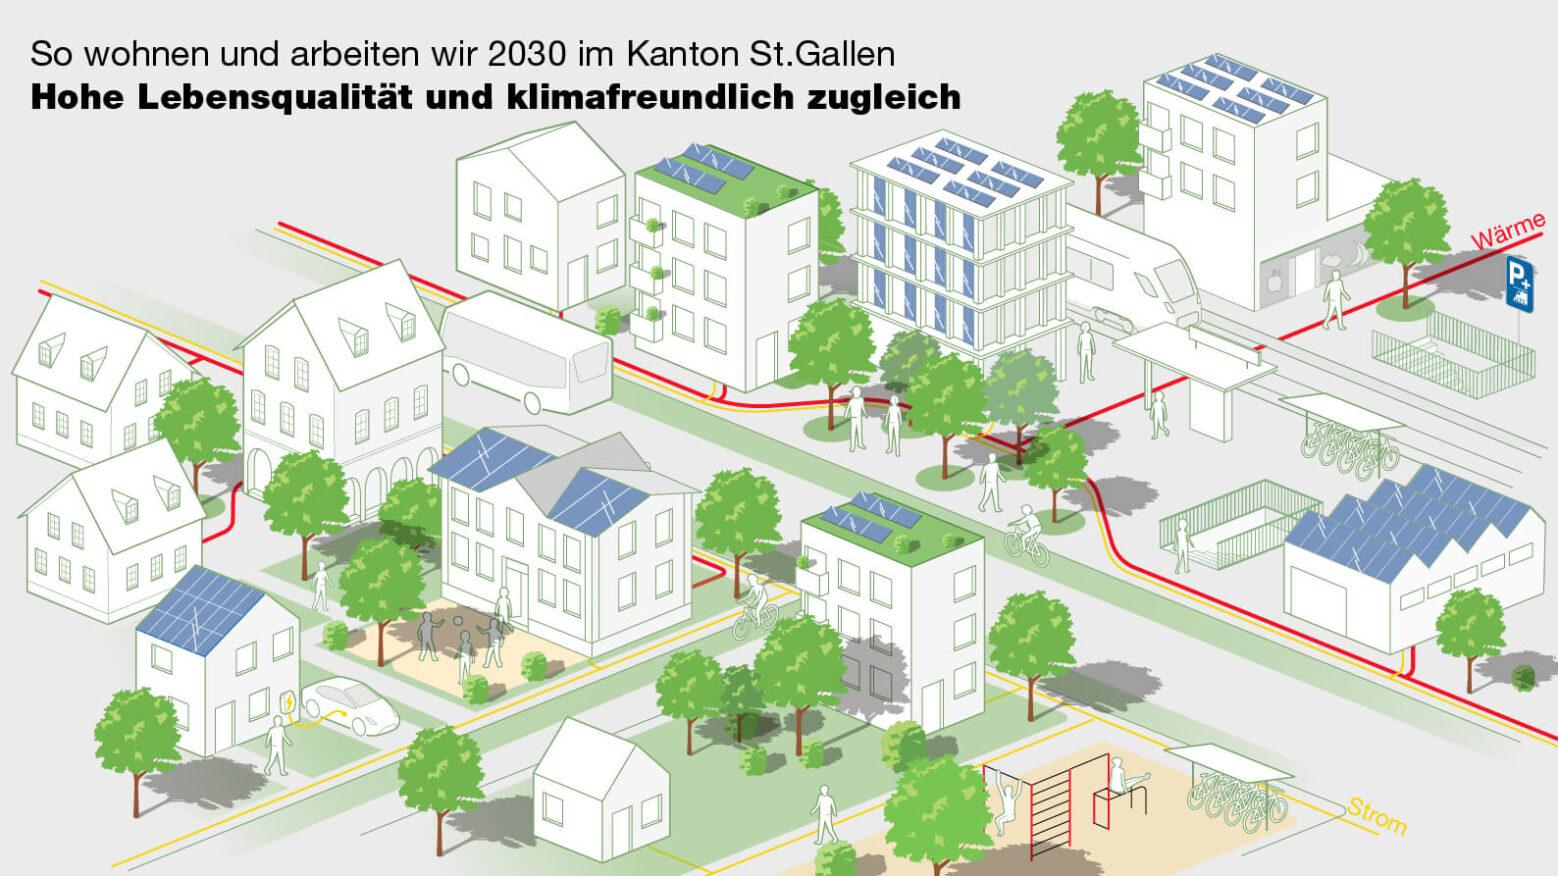 Infografik von C-Factor für den Kanton St.Gallen zum Energiekonzept 2021 - 2030